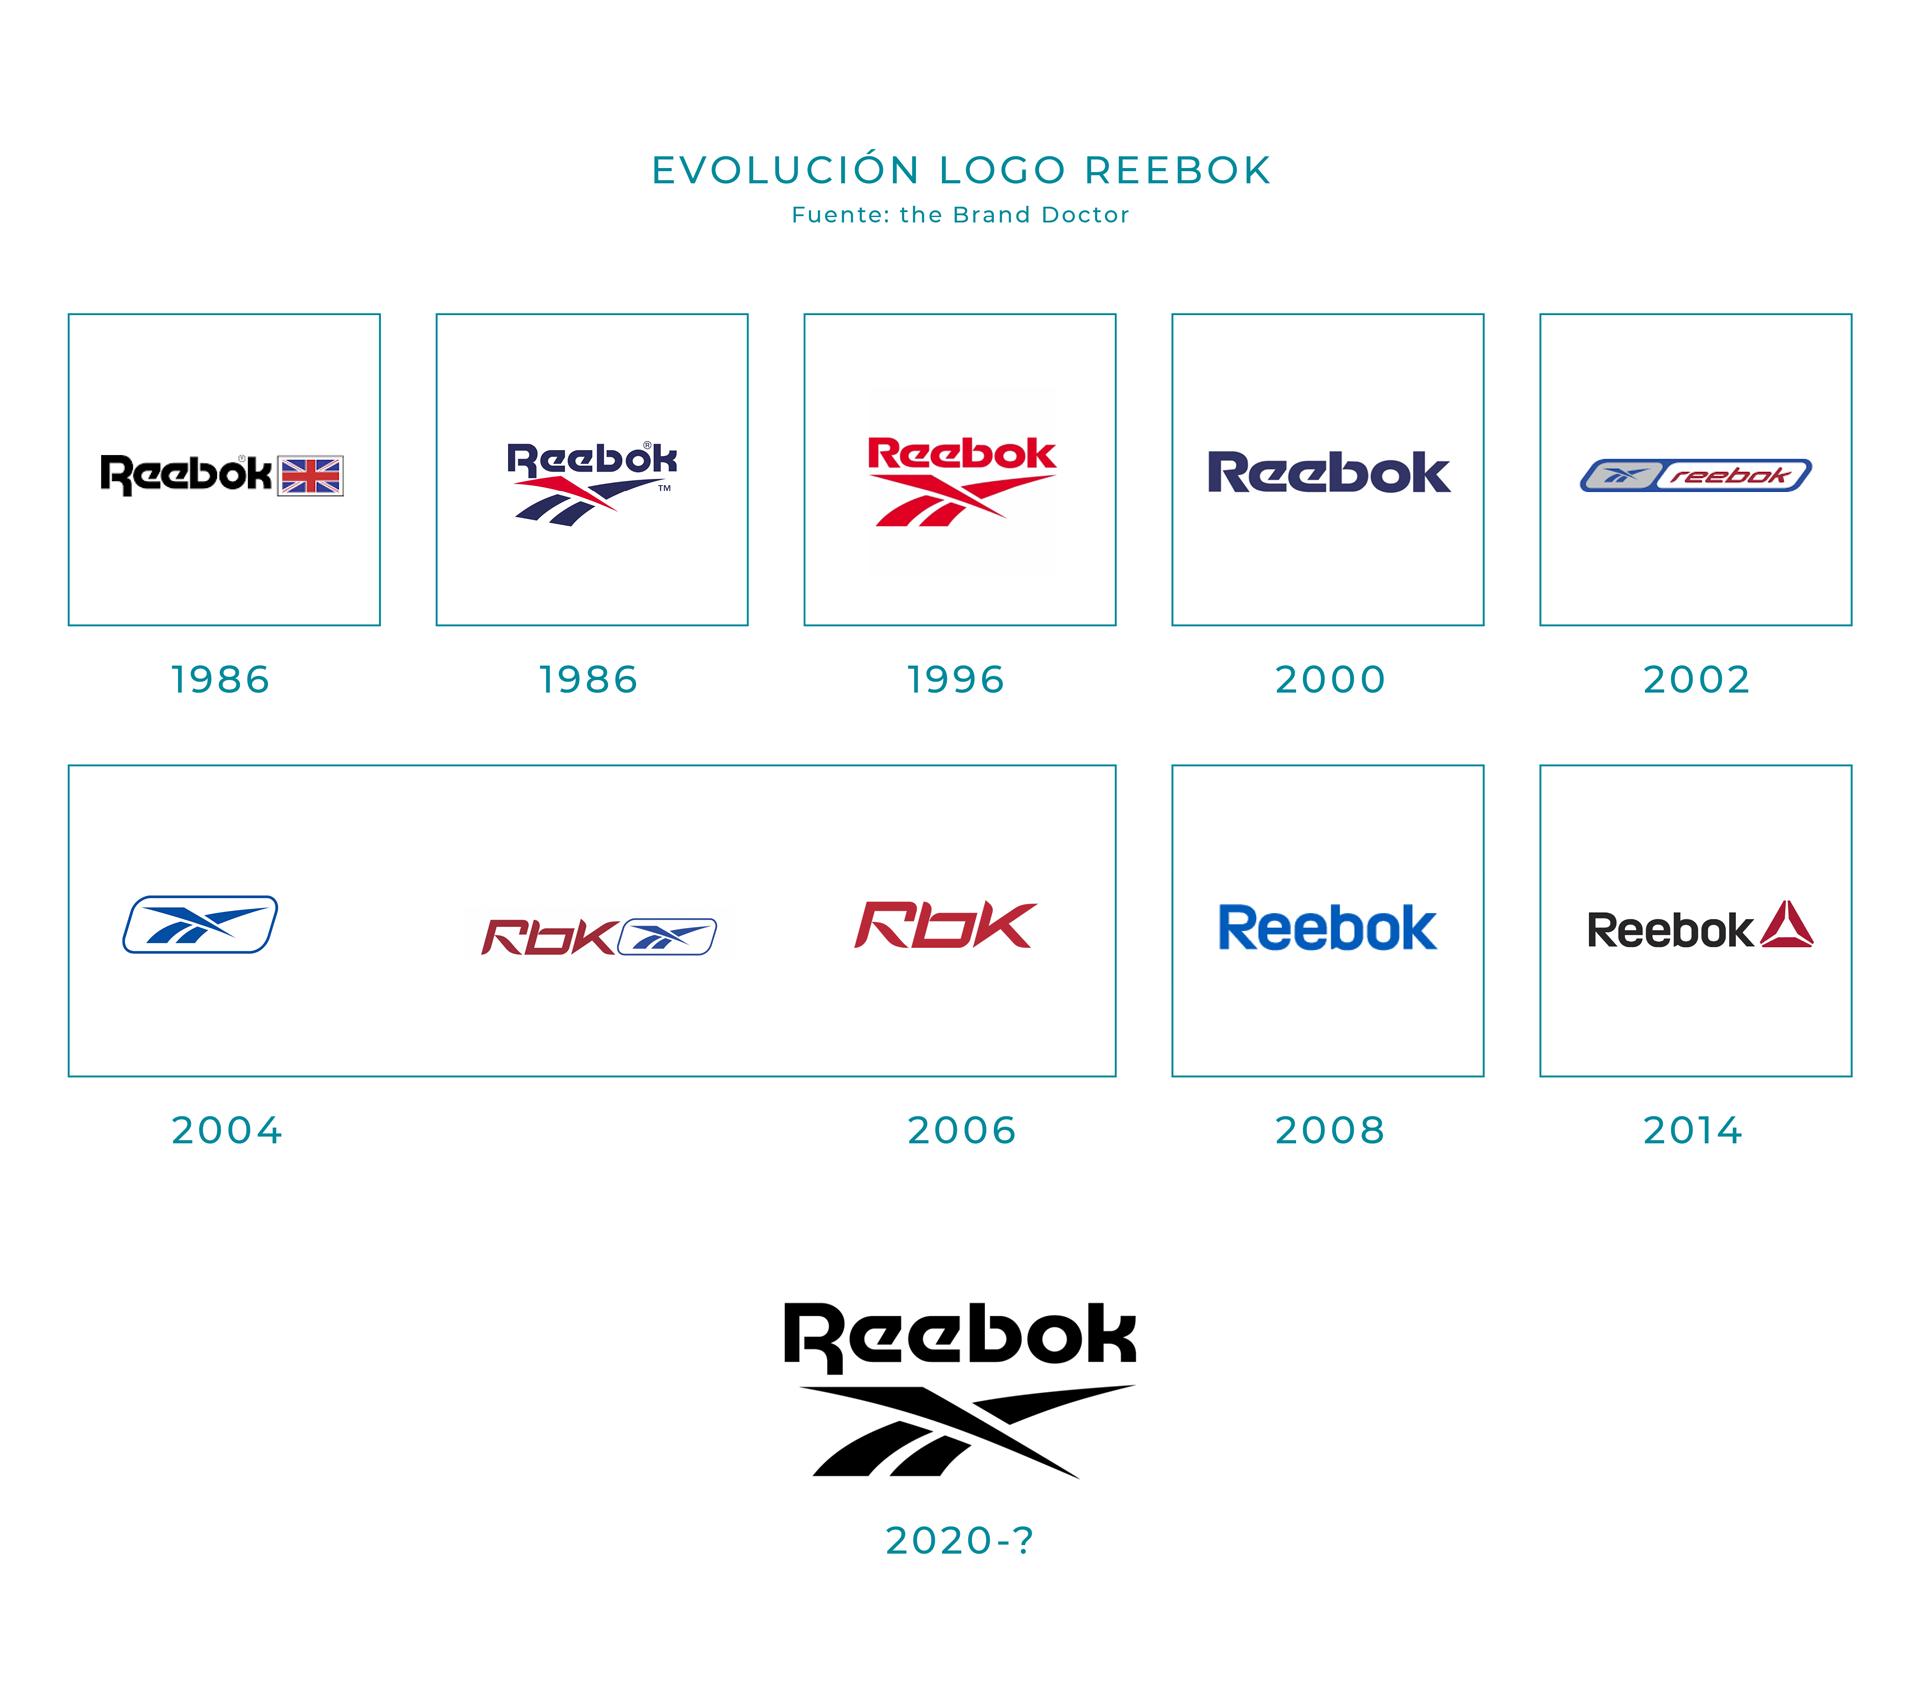 Evolución del logotipo de Reebok desde 1986